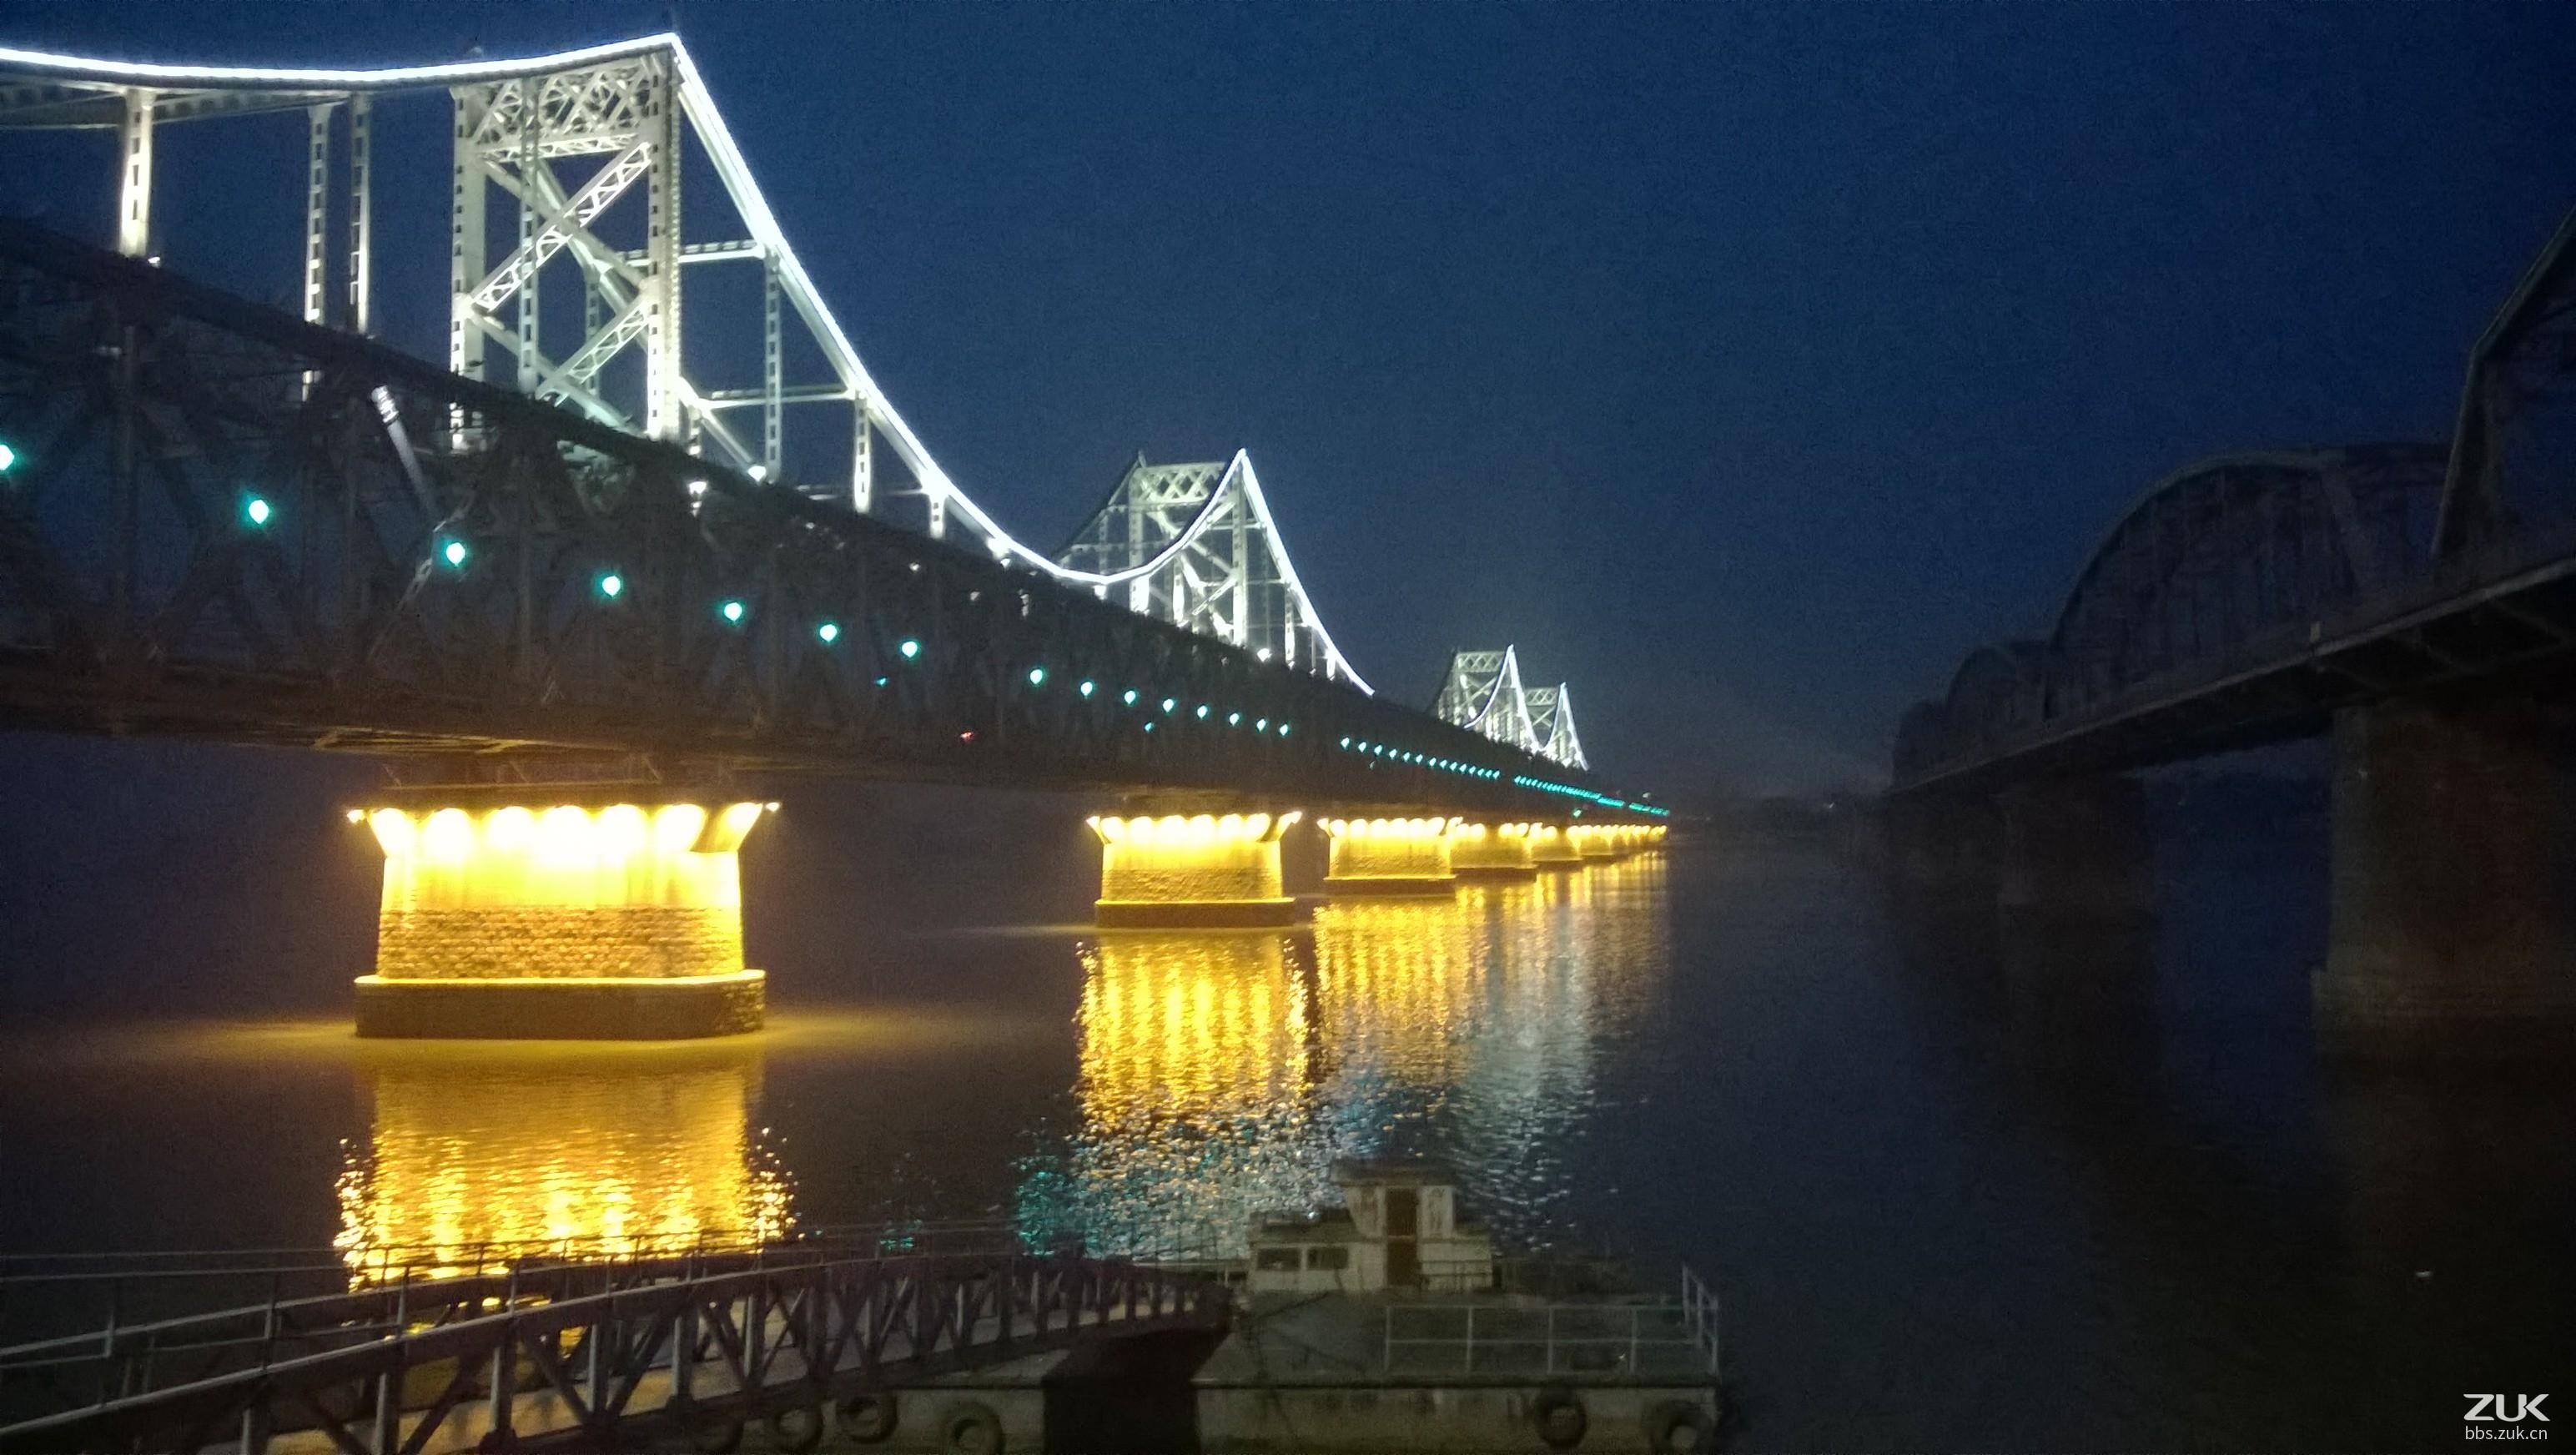 丹东夜晚风景图片